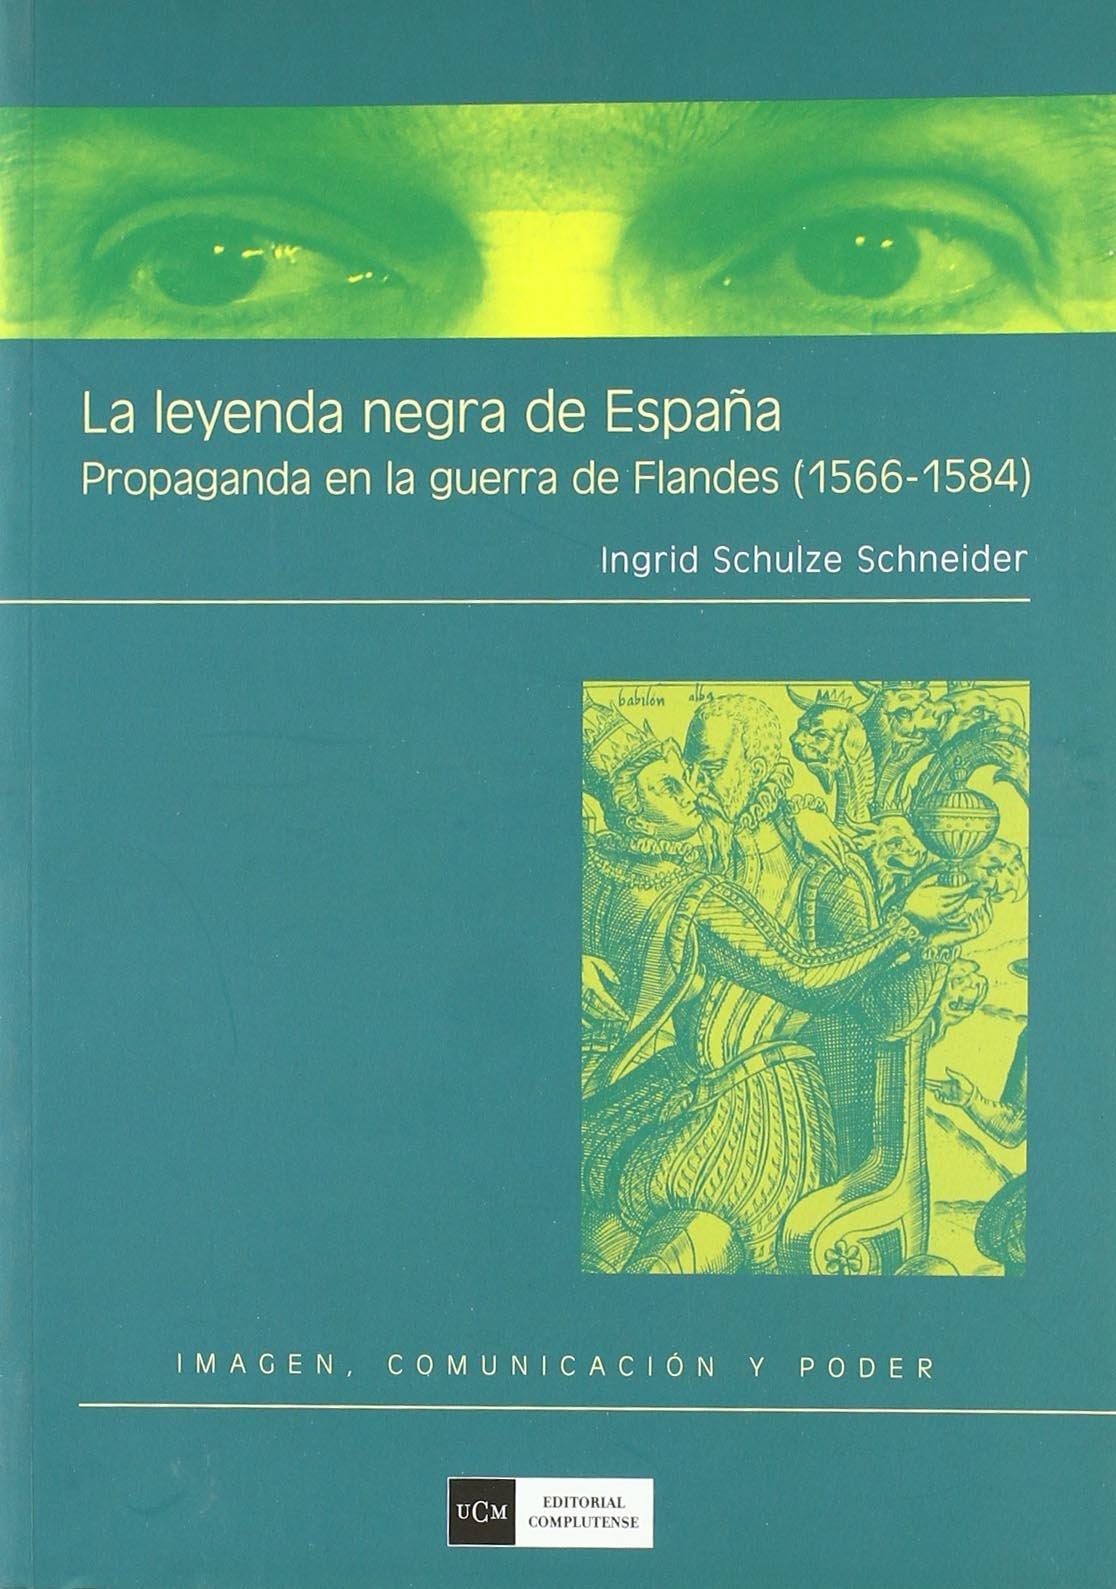 La leyenda negra de España Imagen, comunicación y poder: Amazon.es ...